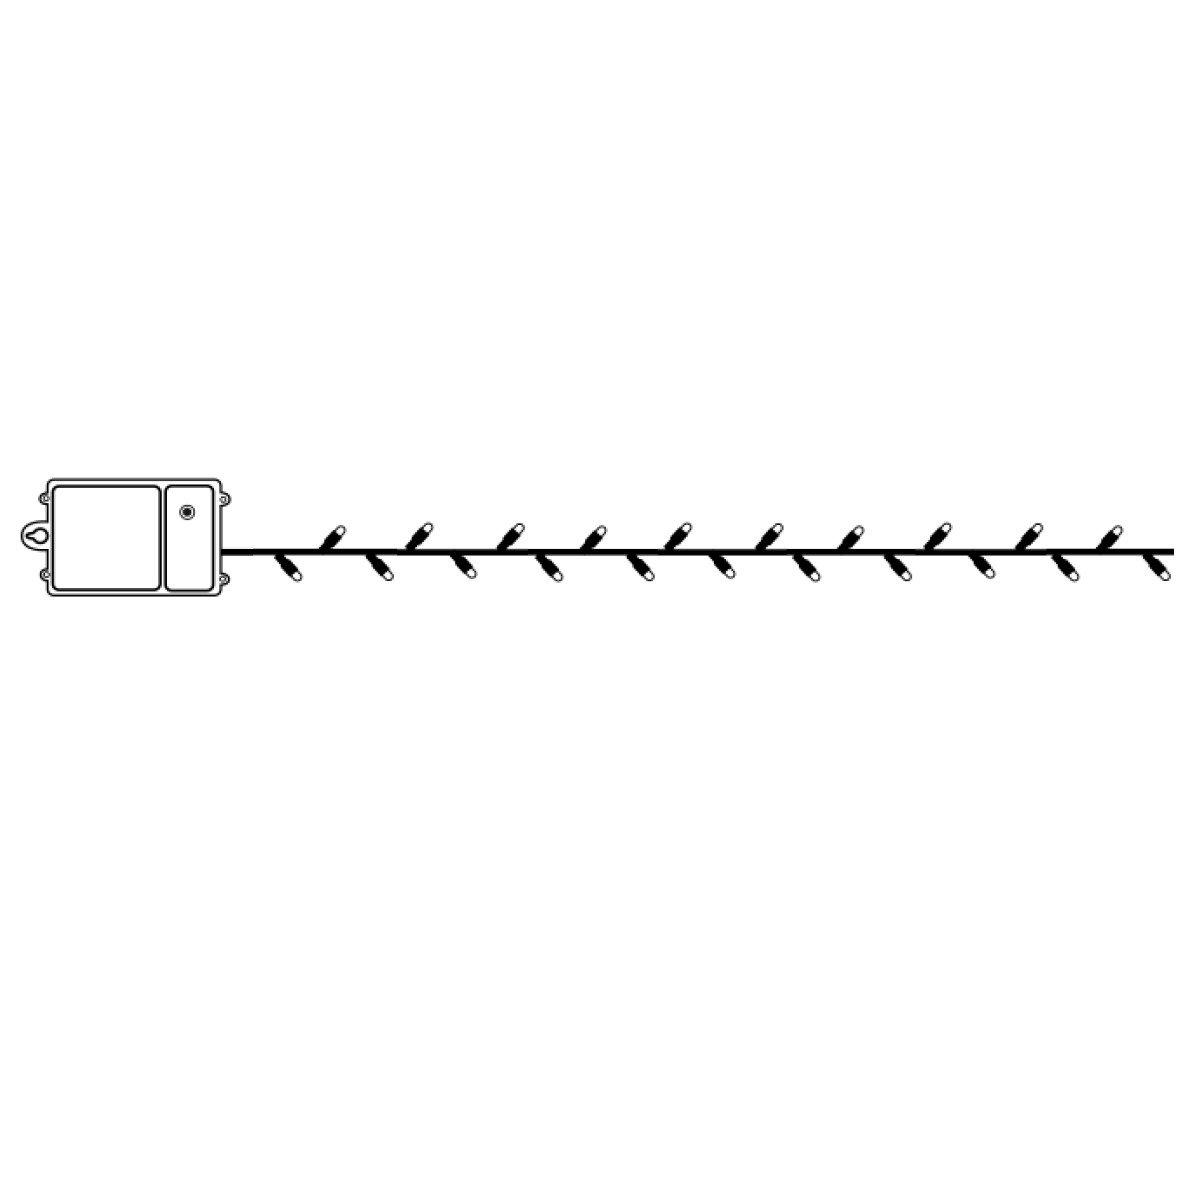 Batterie-LED-Lichterkette 40 LEDs   #3